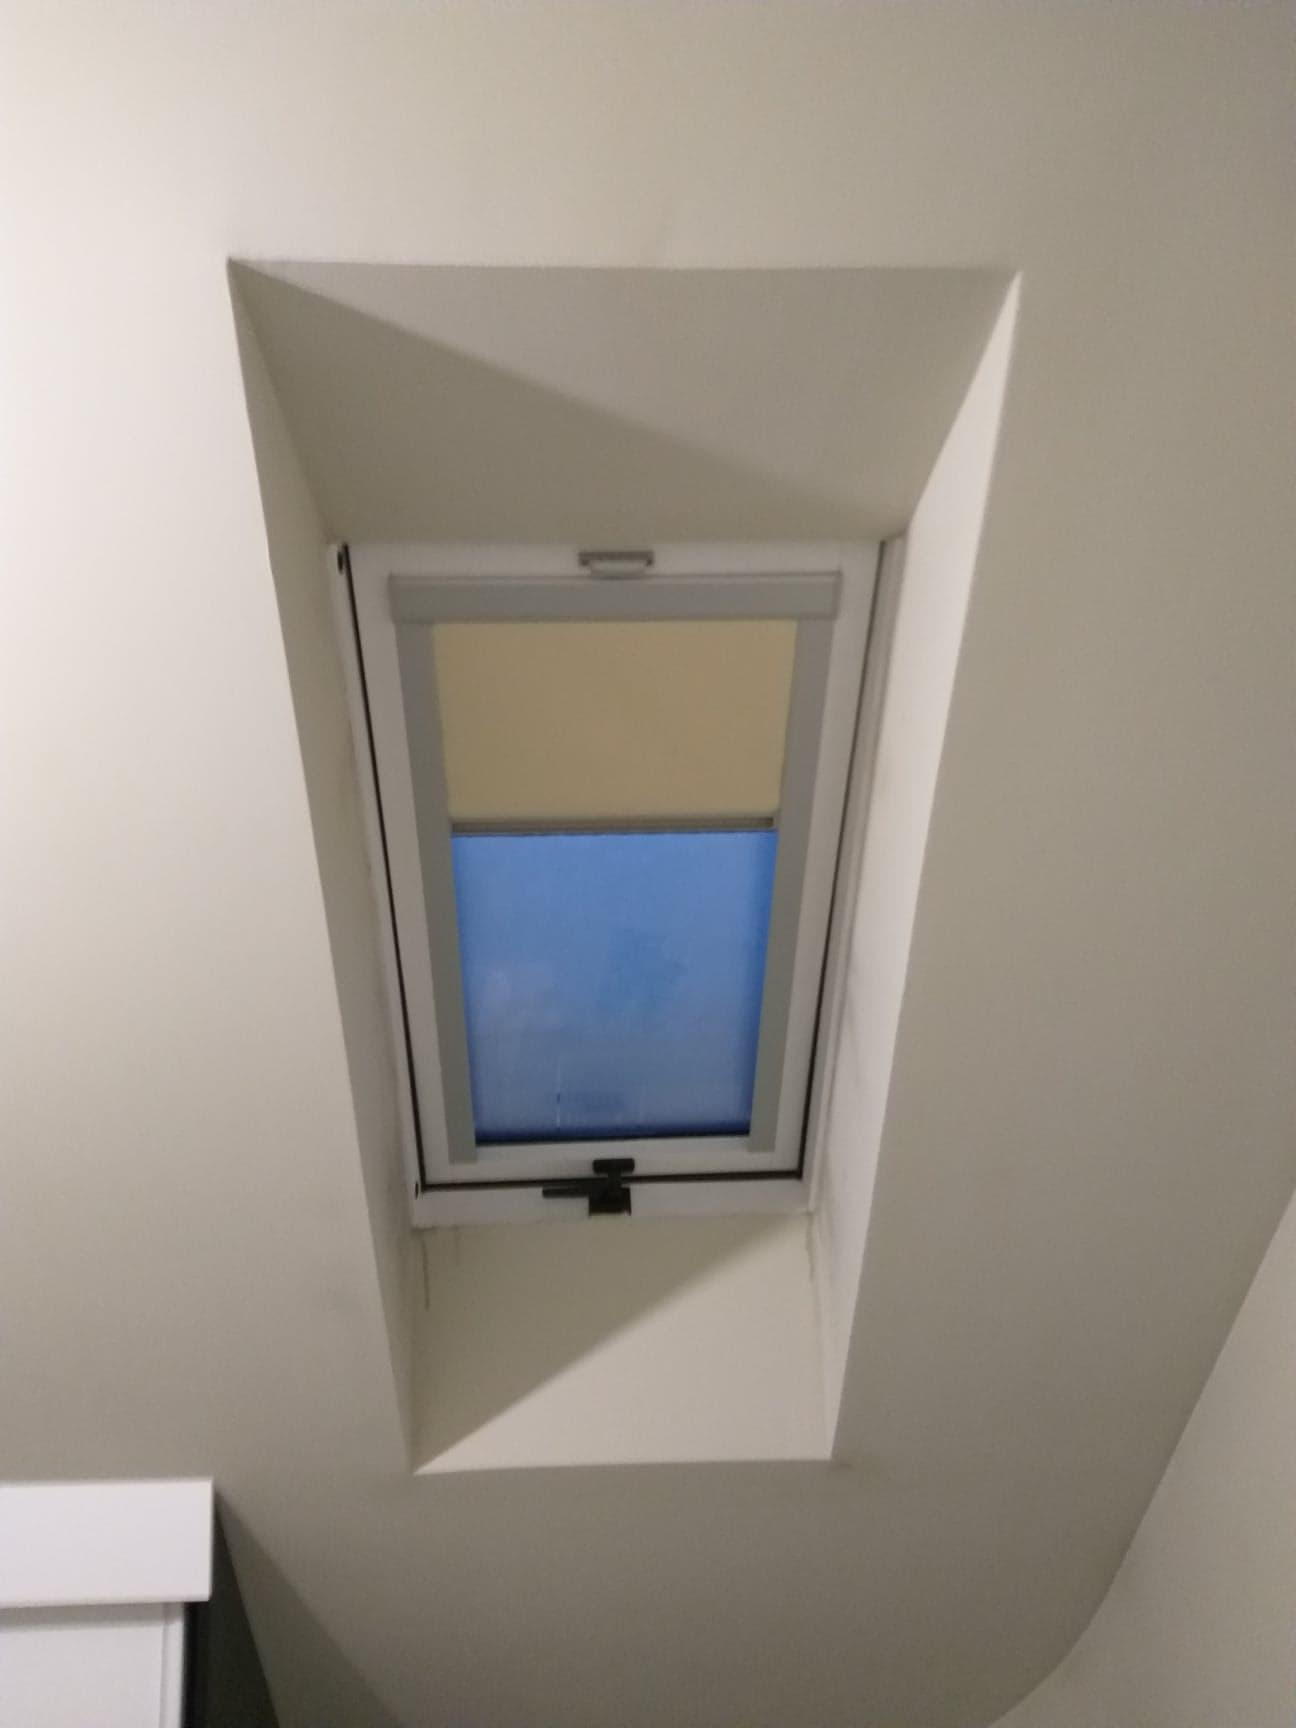 zastori za krovne prozore_zavese za krovne prozore ideje_roletne za krovne prozore_krovniprozoripro5